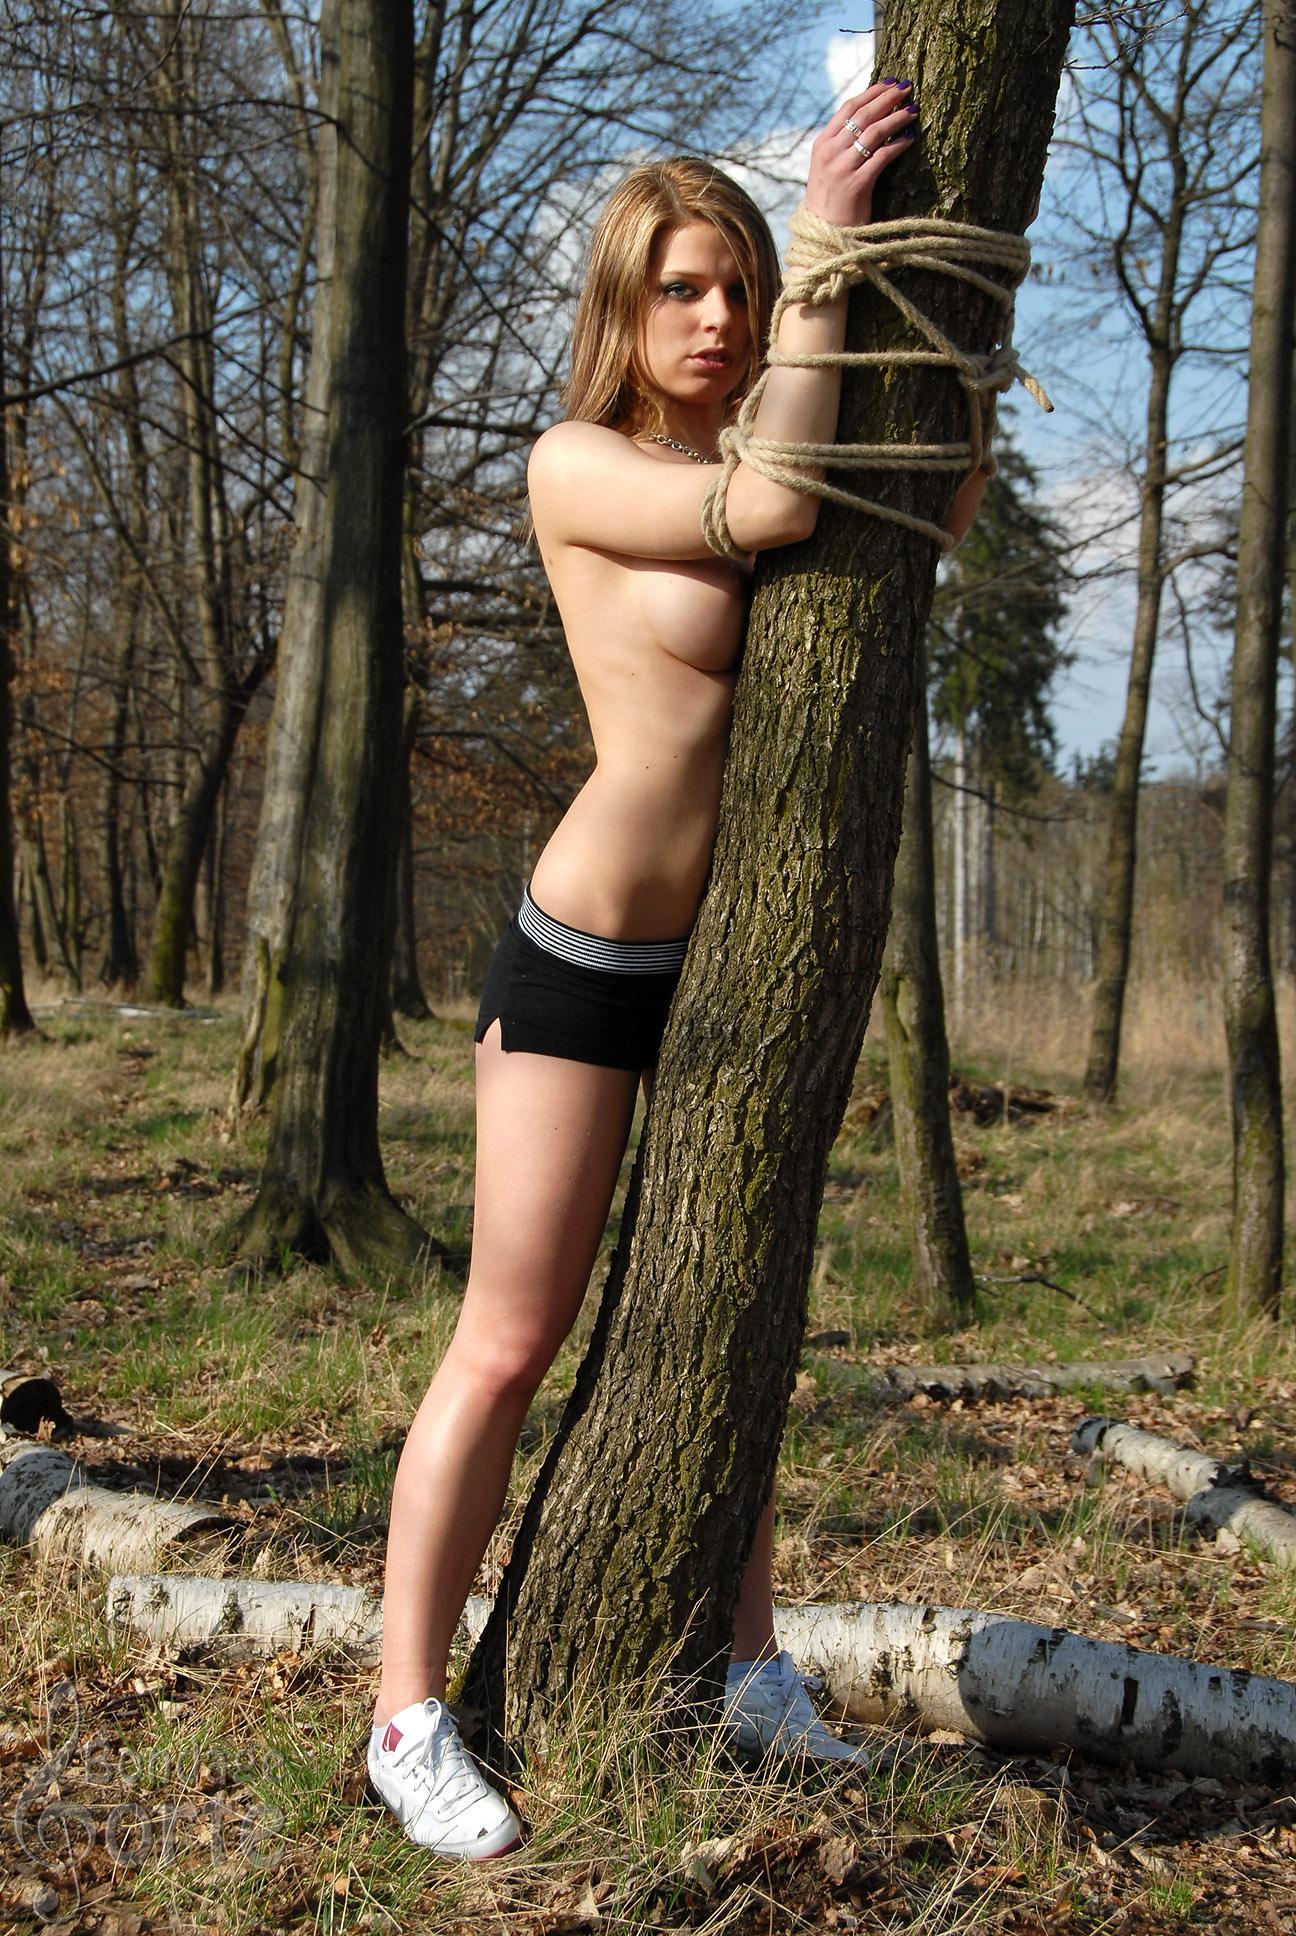 Связал девушку в лесу 9 фотография